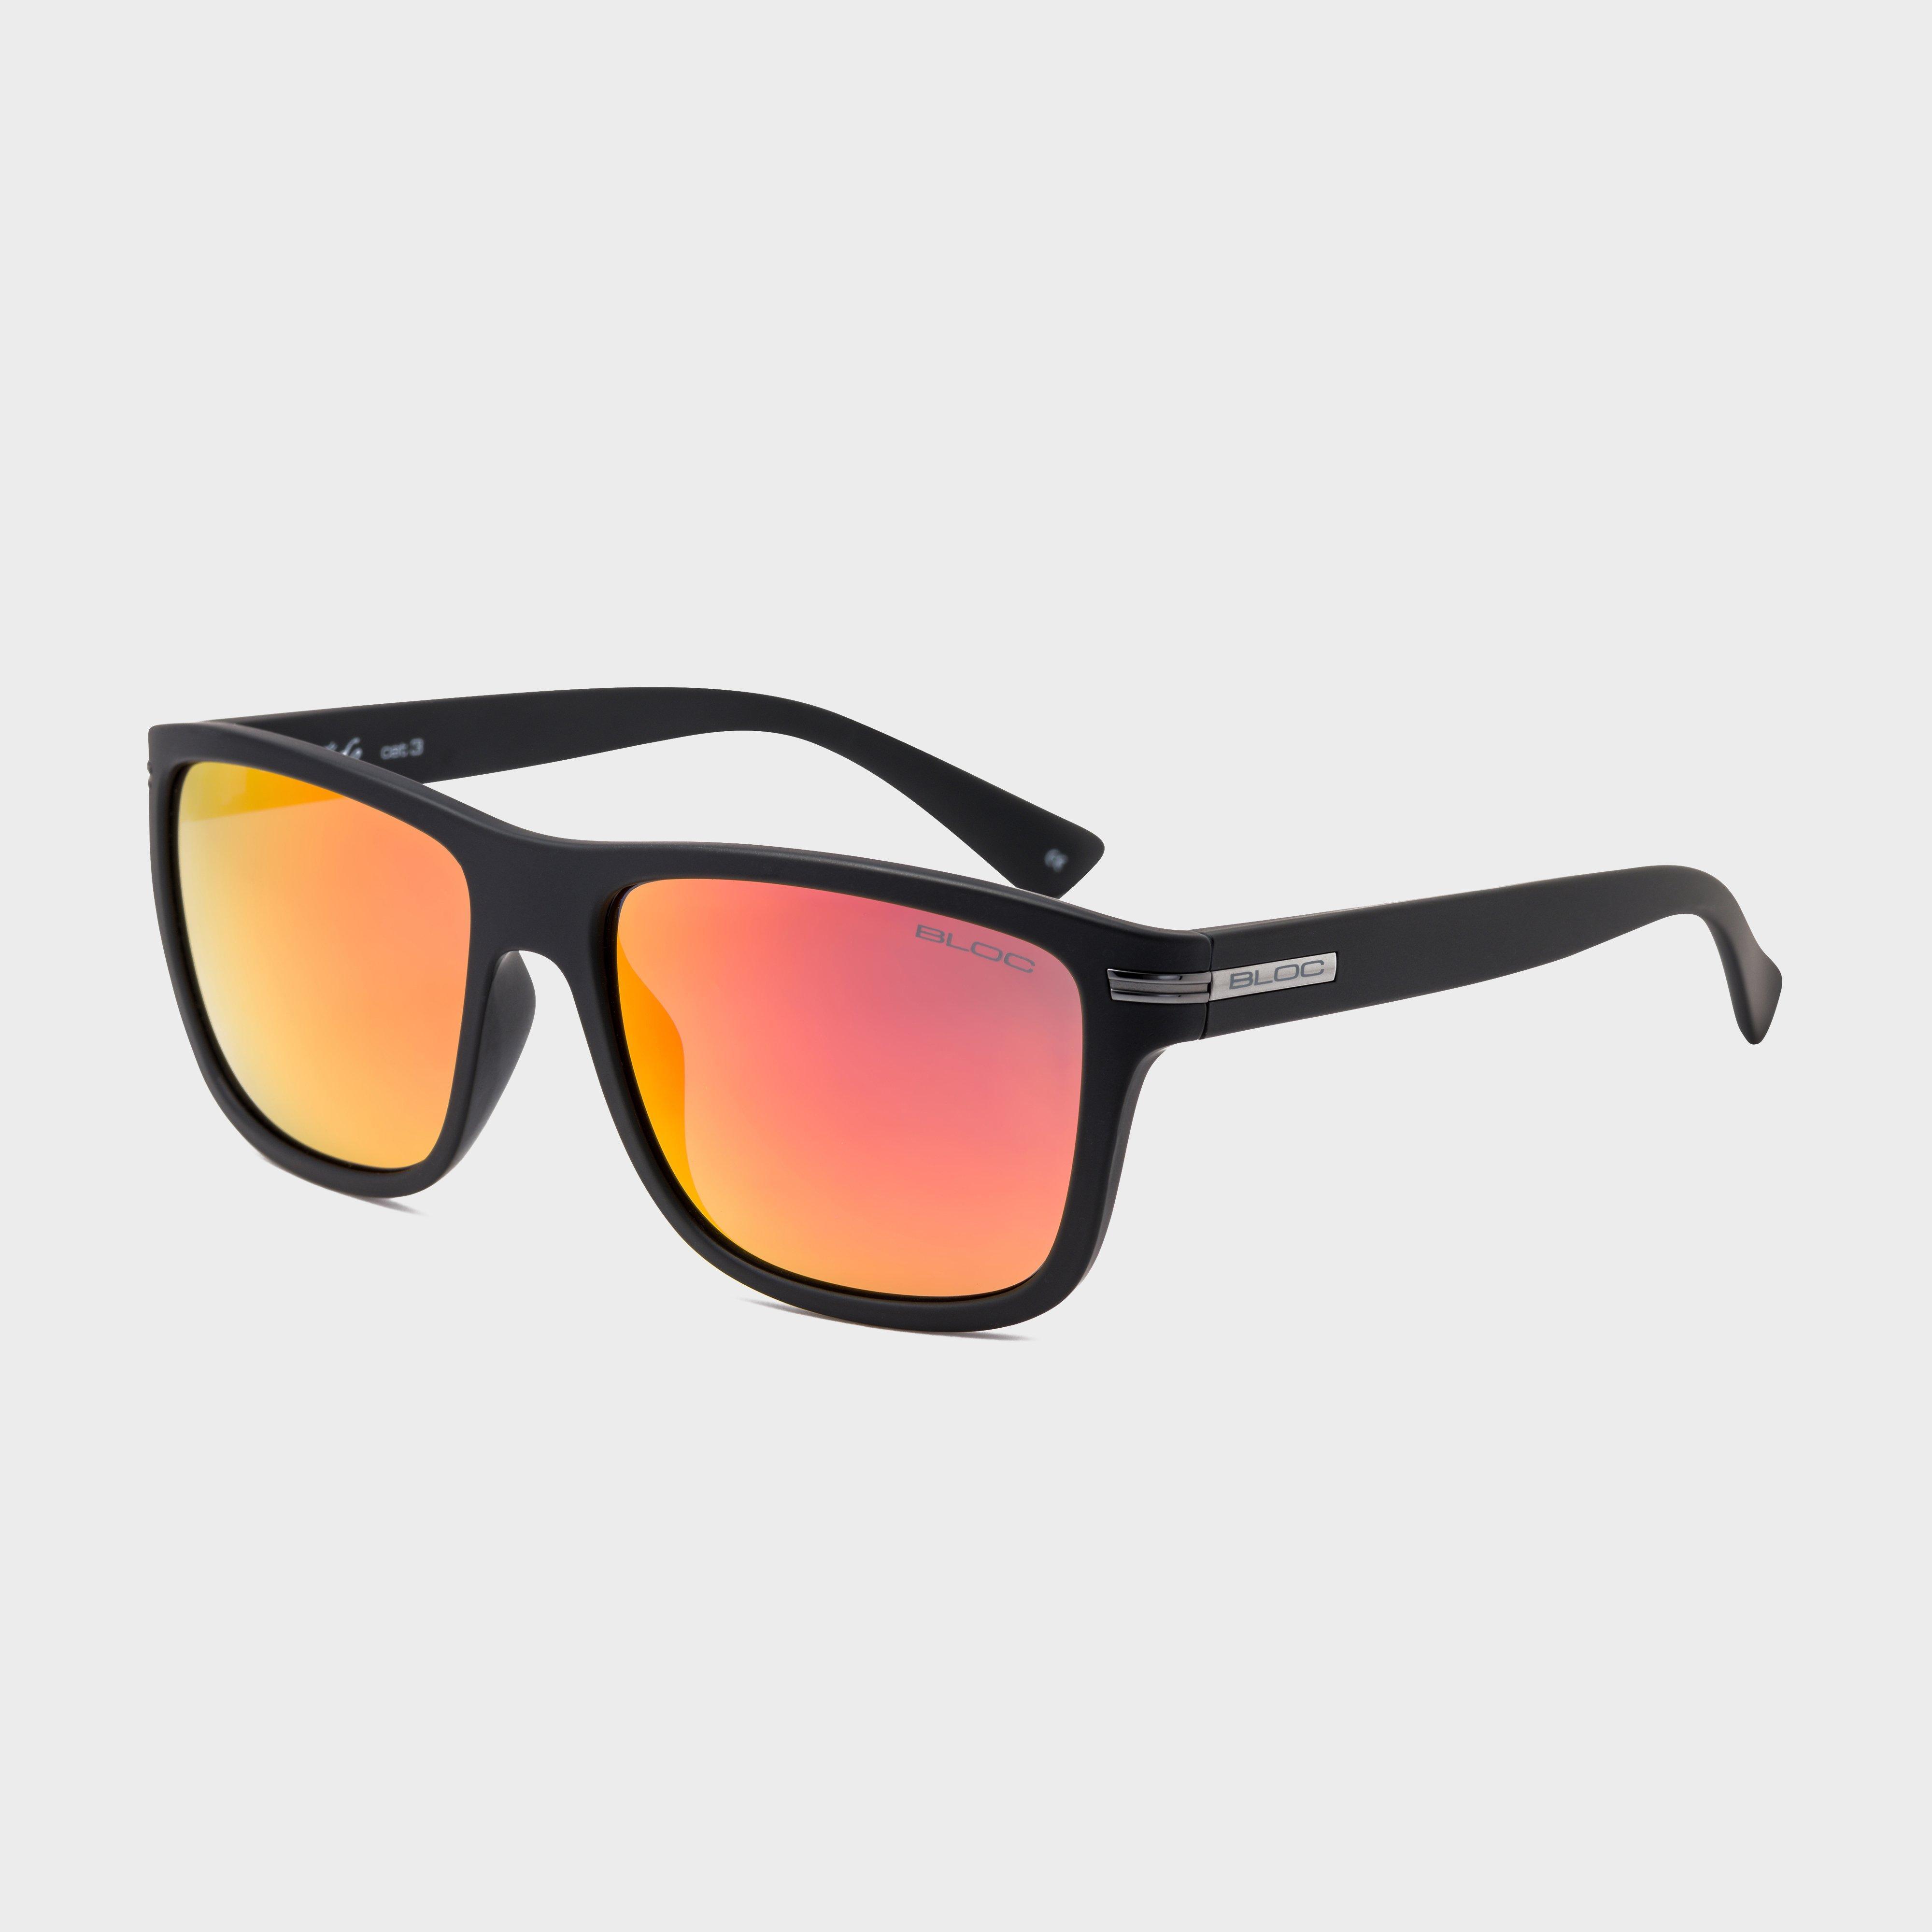 Bloc Tide Xt620 Sunglasses - Black/black  Black/black